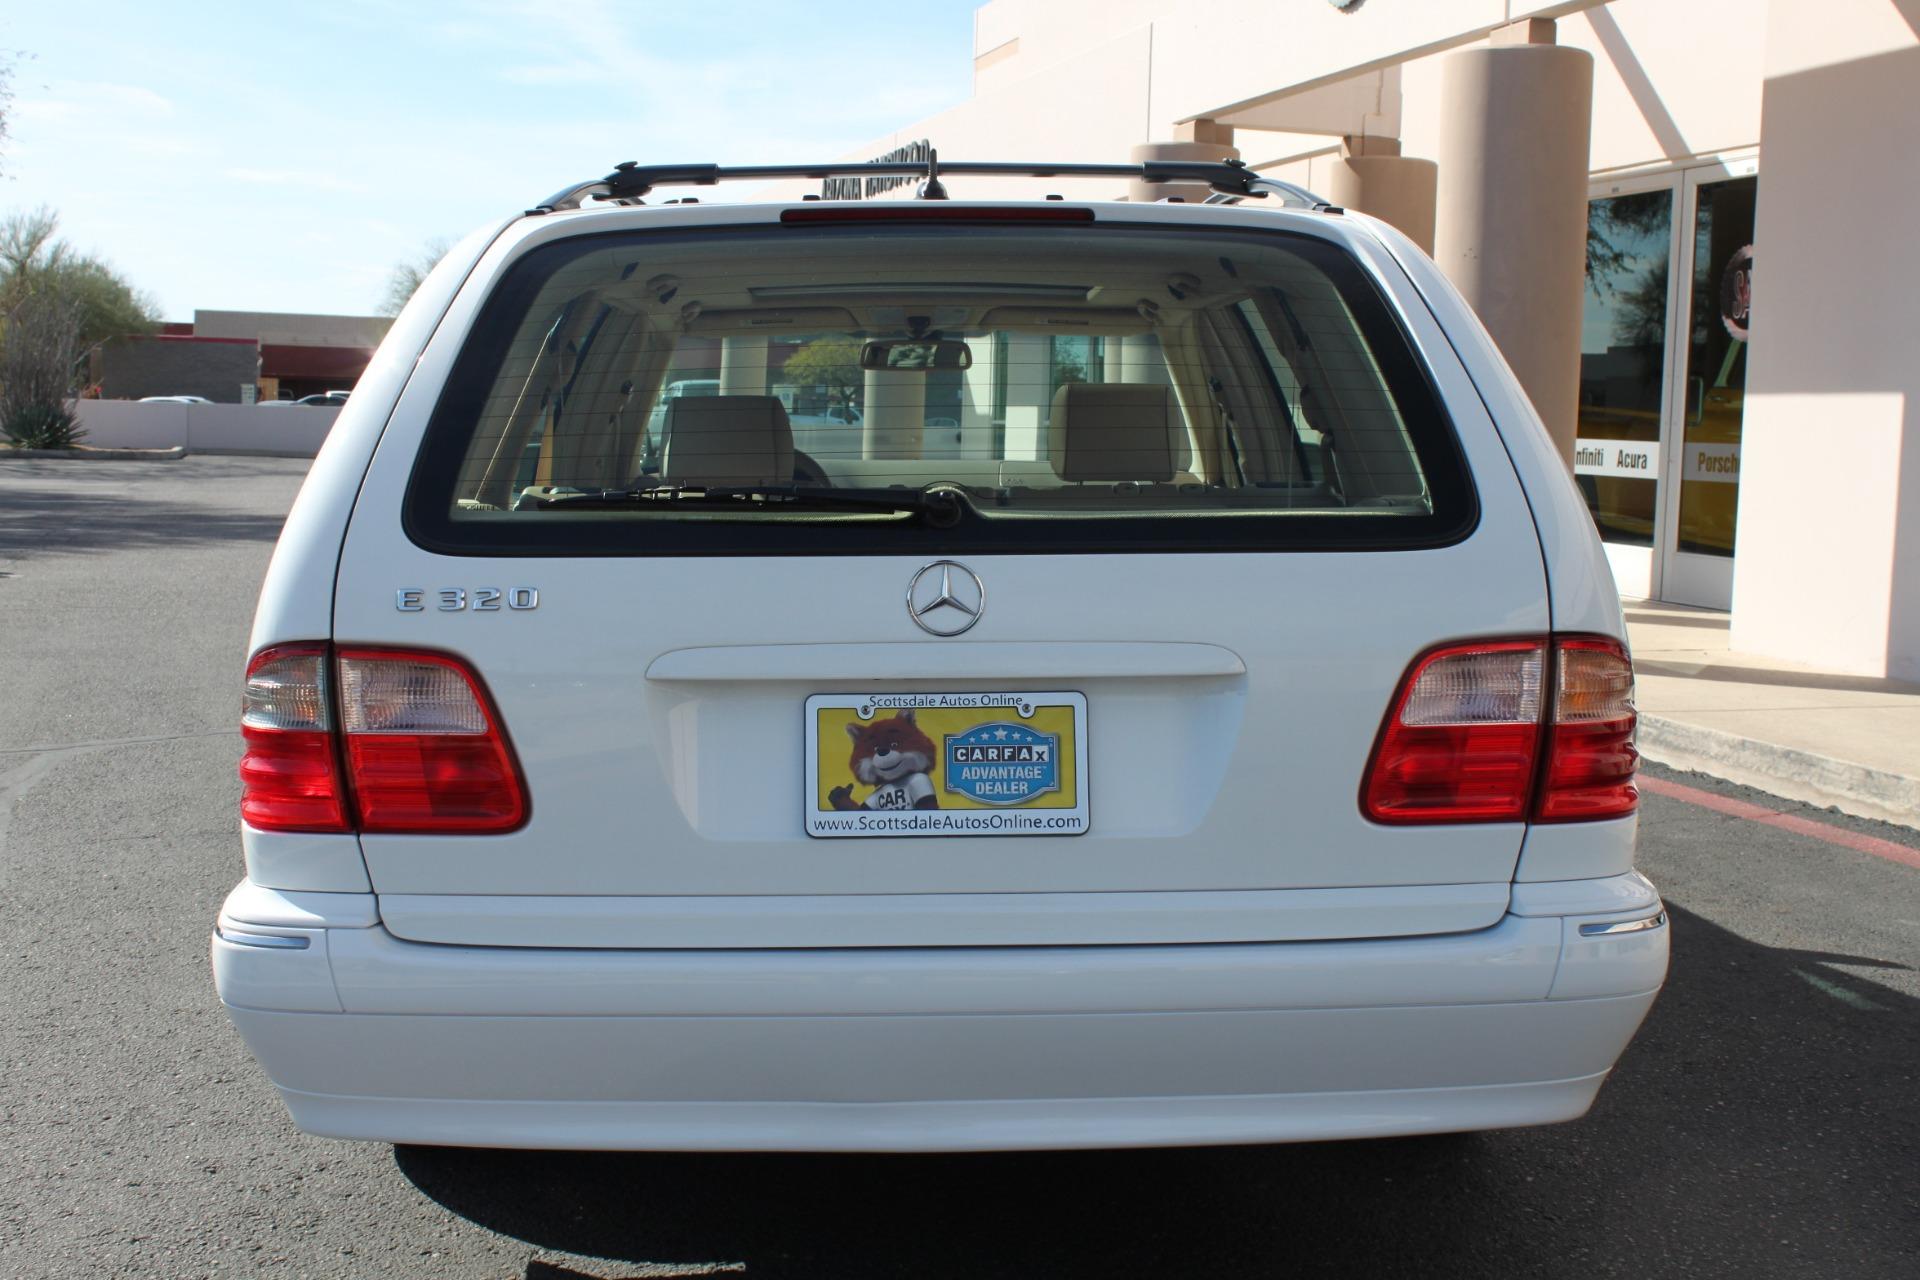 Used-2000-Mercedes-Benz-E-Class-Wagon-Mopar